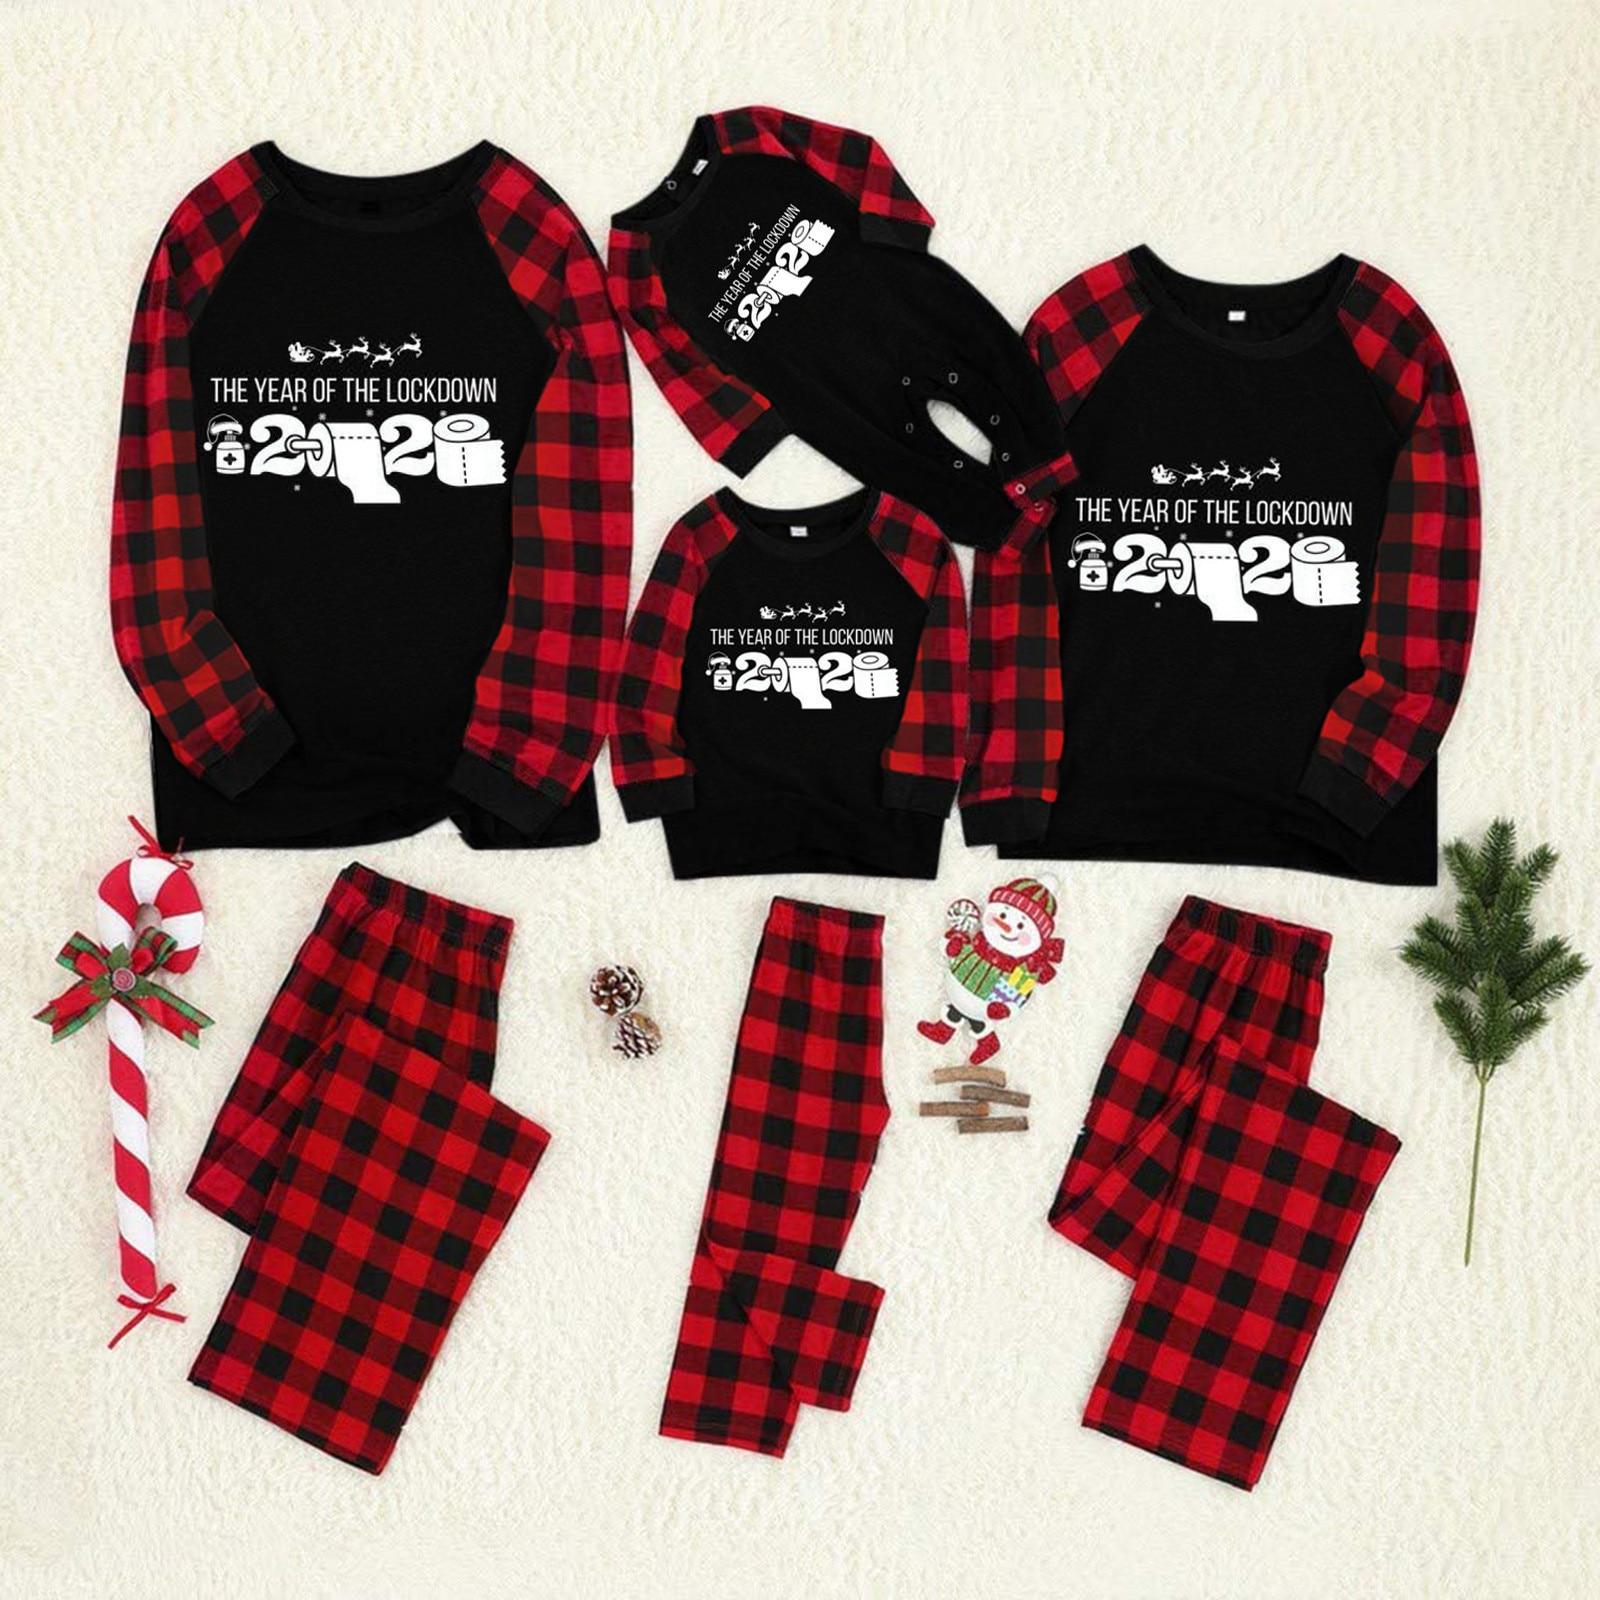 La familia pijamas de navidad carta impreso blusa Tops y pantalones de...